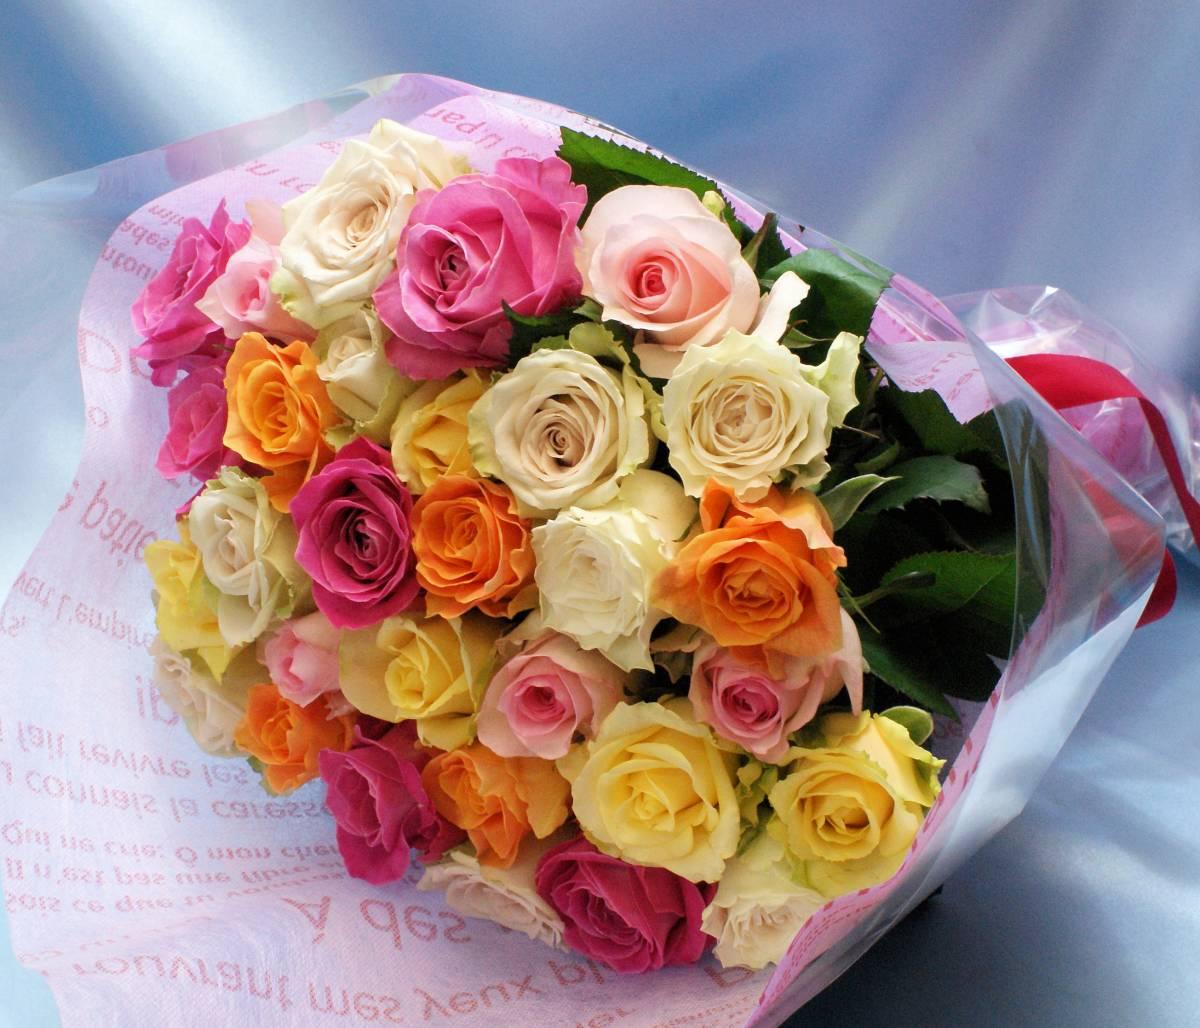 30本のバラ ラッピング付き 送料込み バラの季節到来大特価_画像3